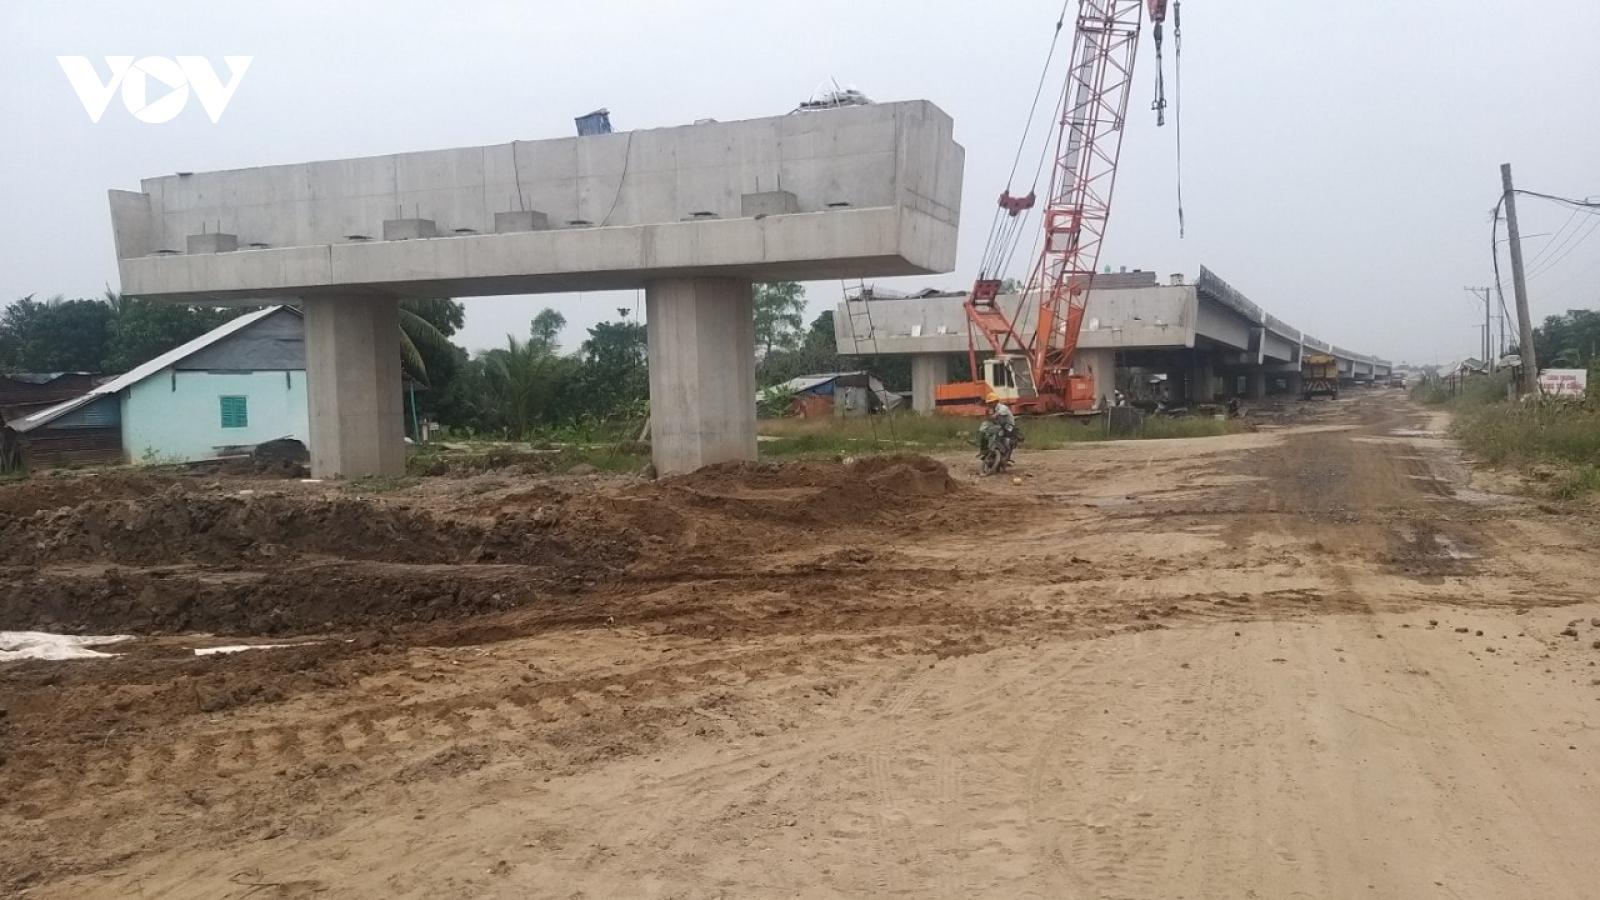 Tiền Giang, Vĩnh Long gấp rút giải phóng mặt bằng để phục vụ dự án xây cầu Mỹ Thuận 2